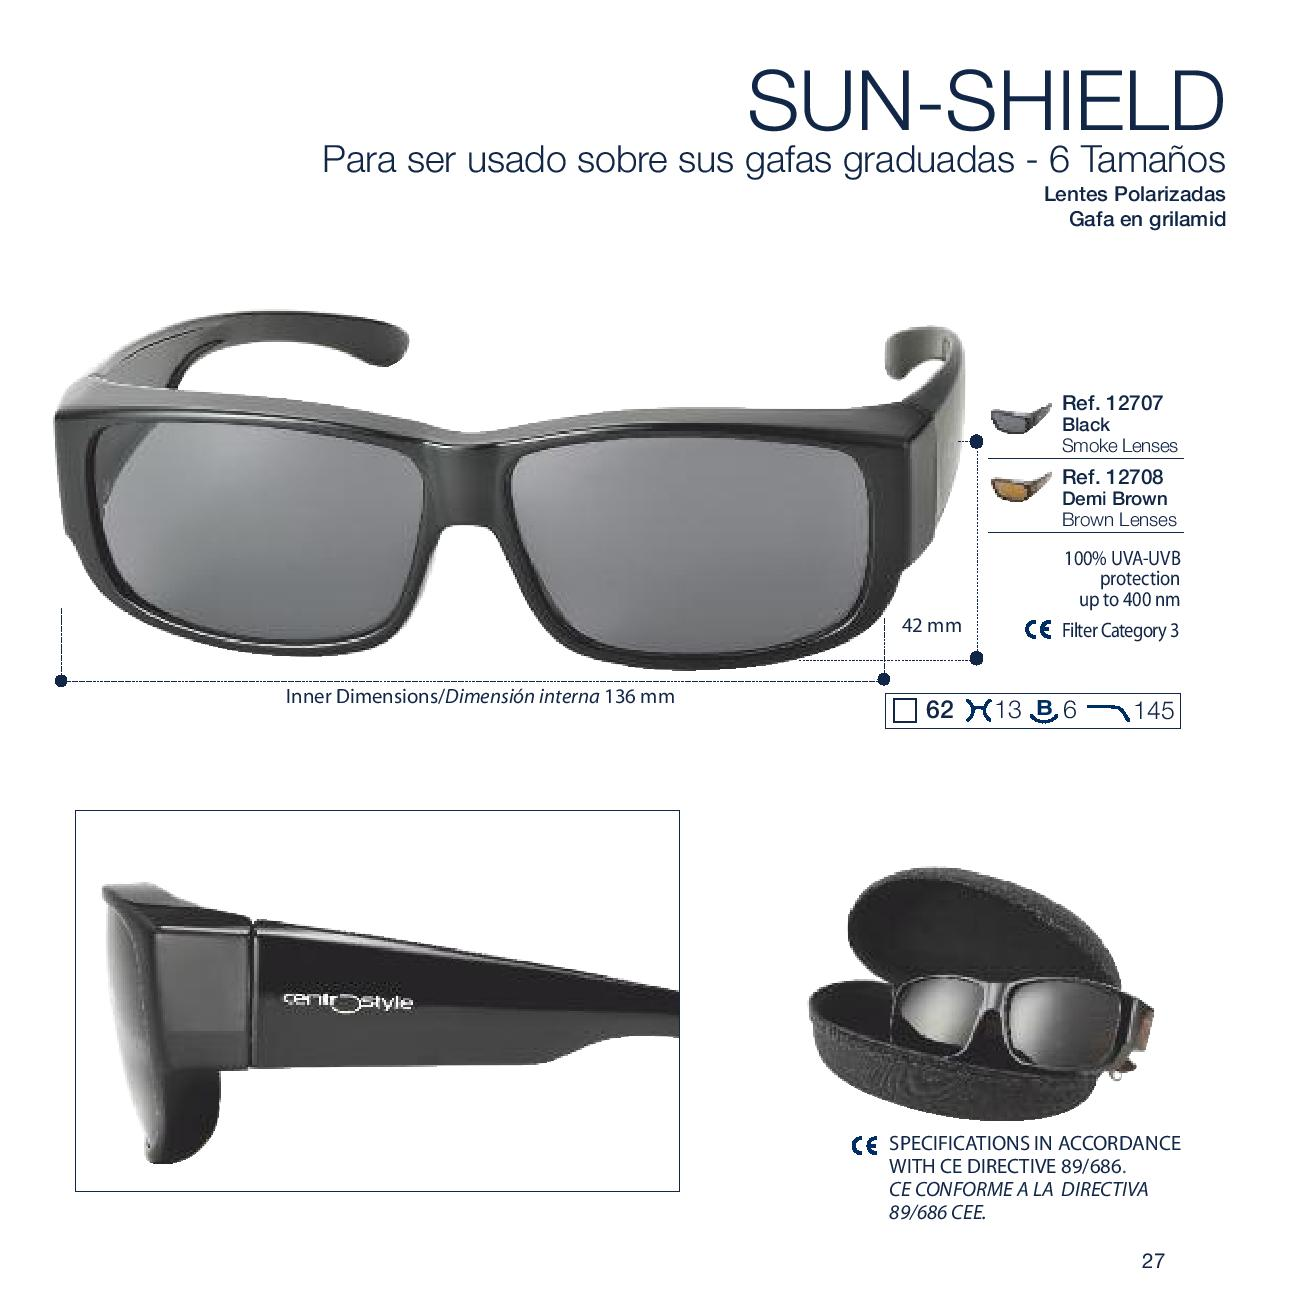 0212707 - Óculos-Solar CS Sobrepor 62 Preto/Cinza Mod 12707 FLAG E - Contém 1 Peça SOB ENCOMENDA